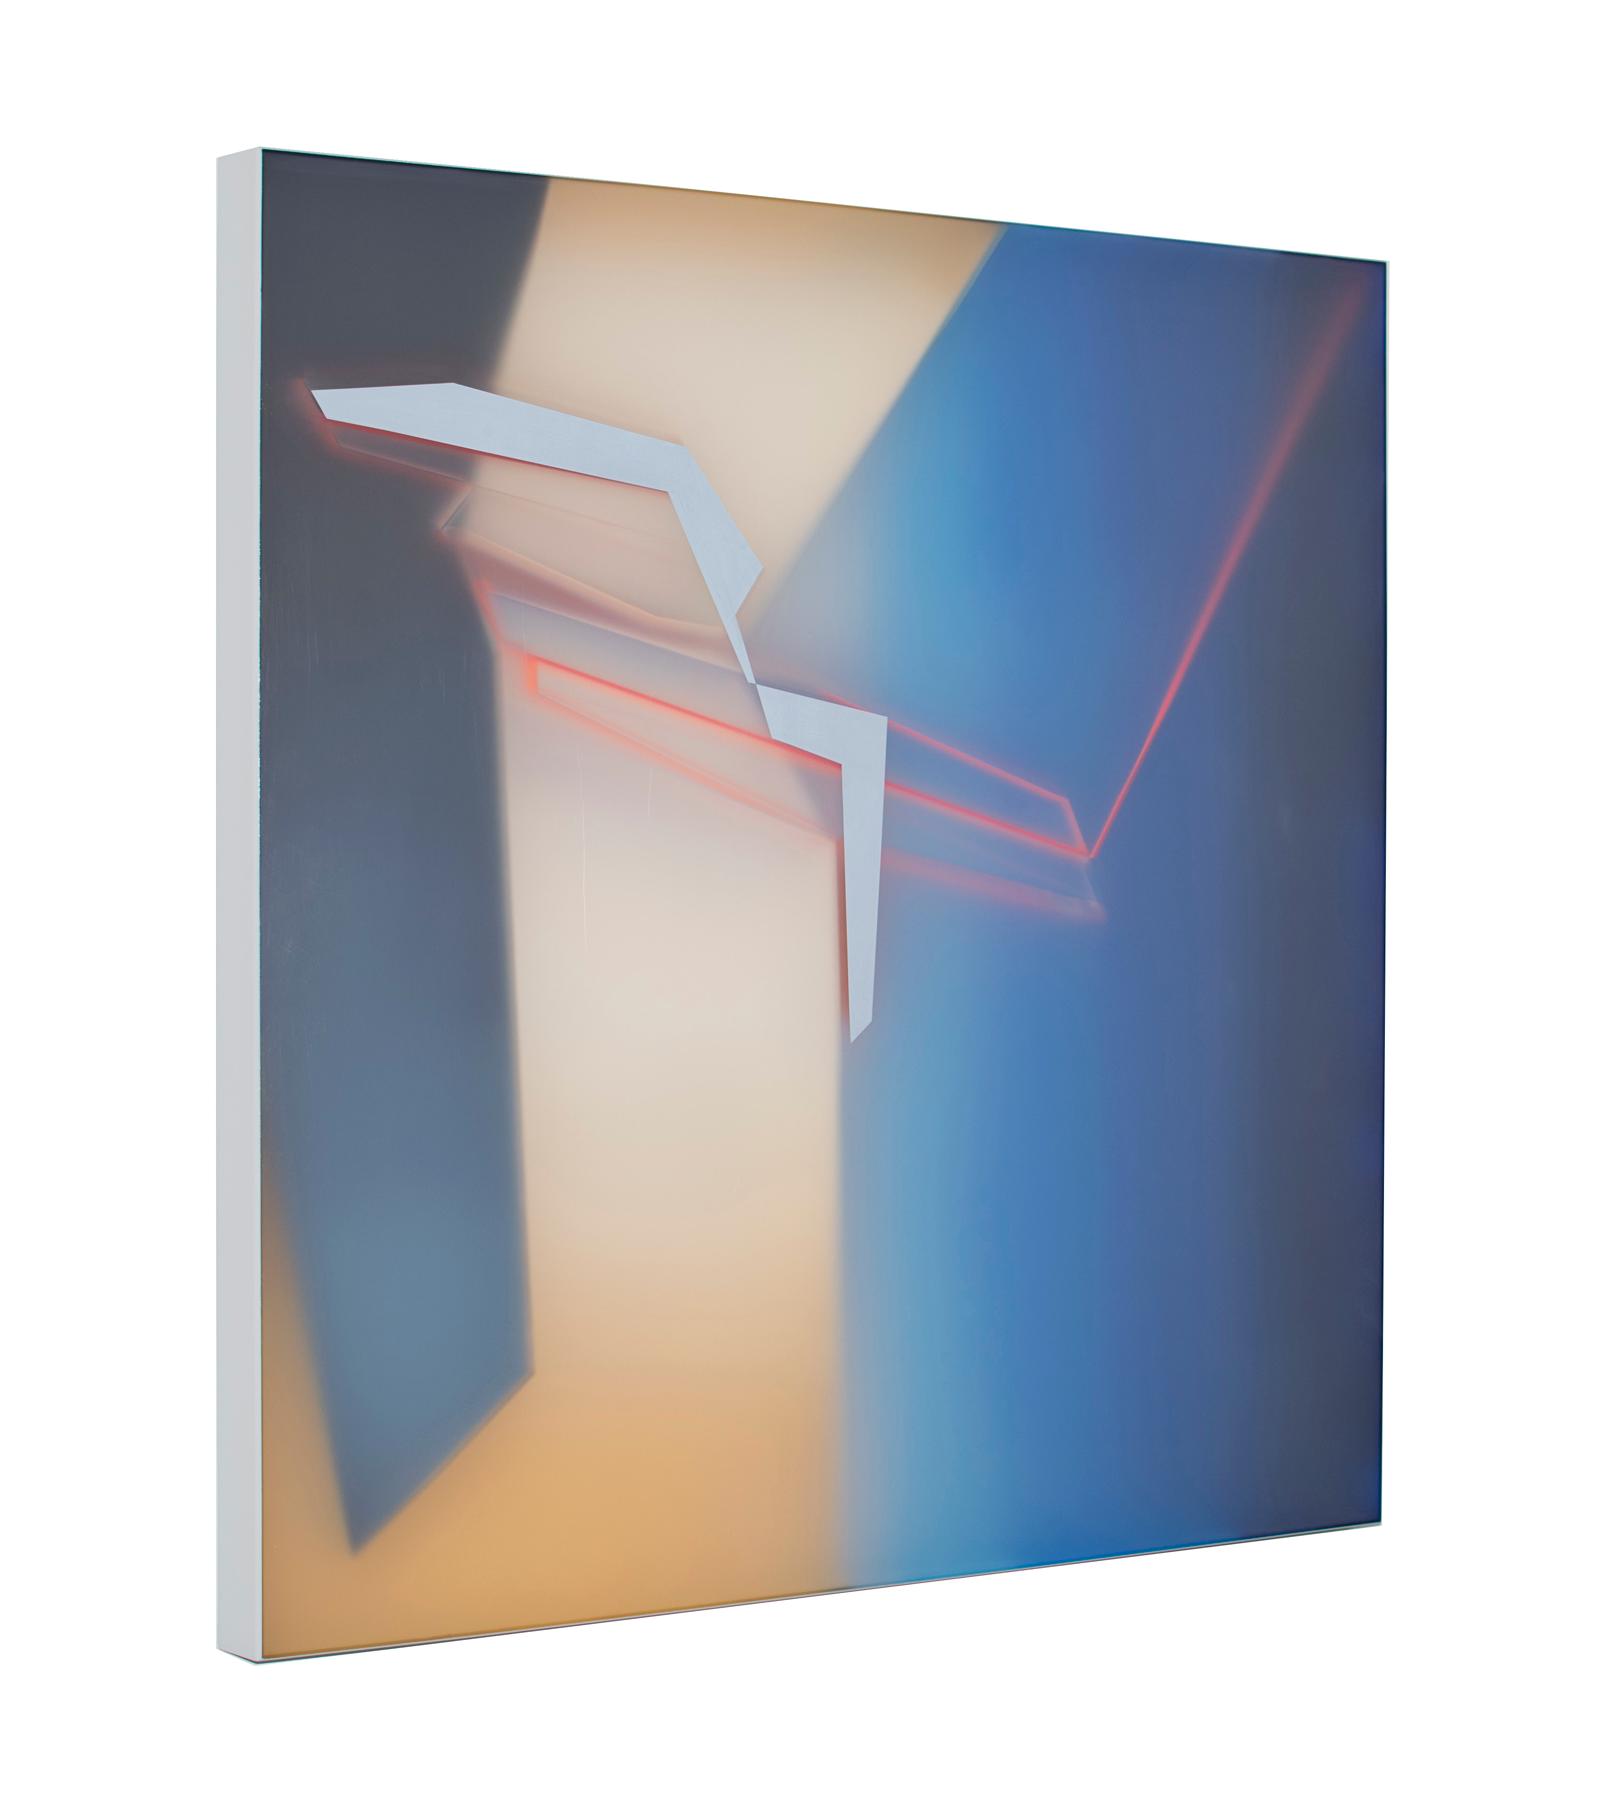 Kal-Mansur-Blue-Fracture-1-Side-NB-Transparent.png